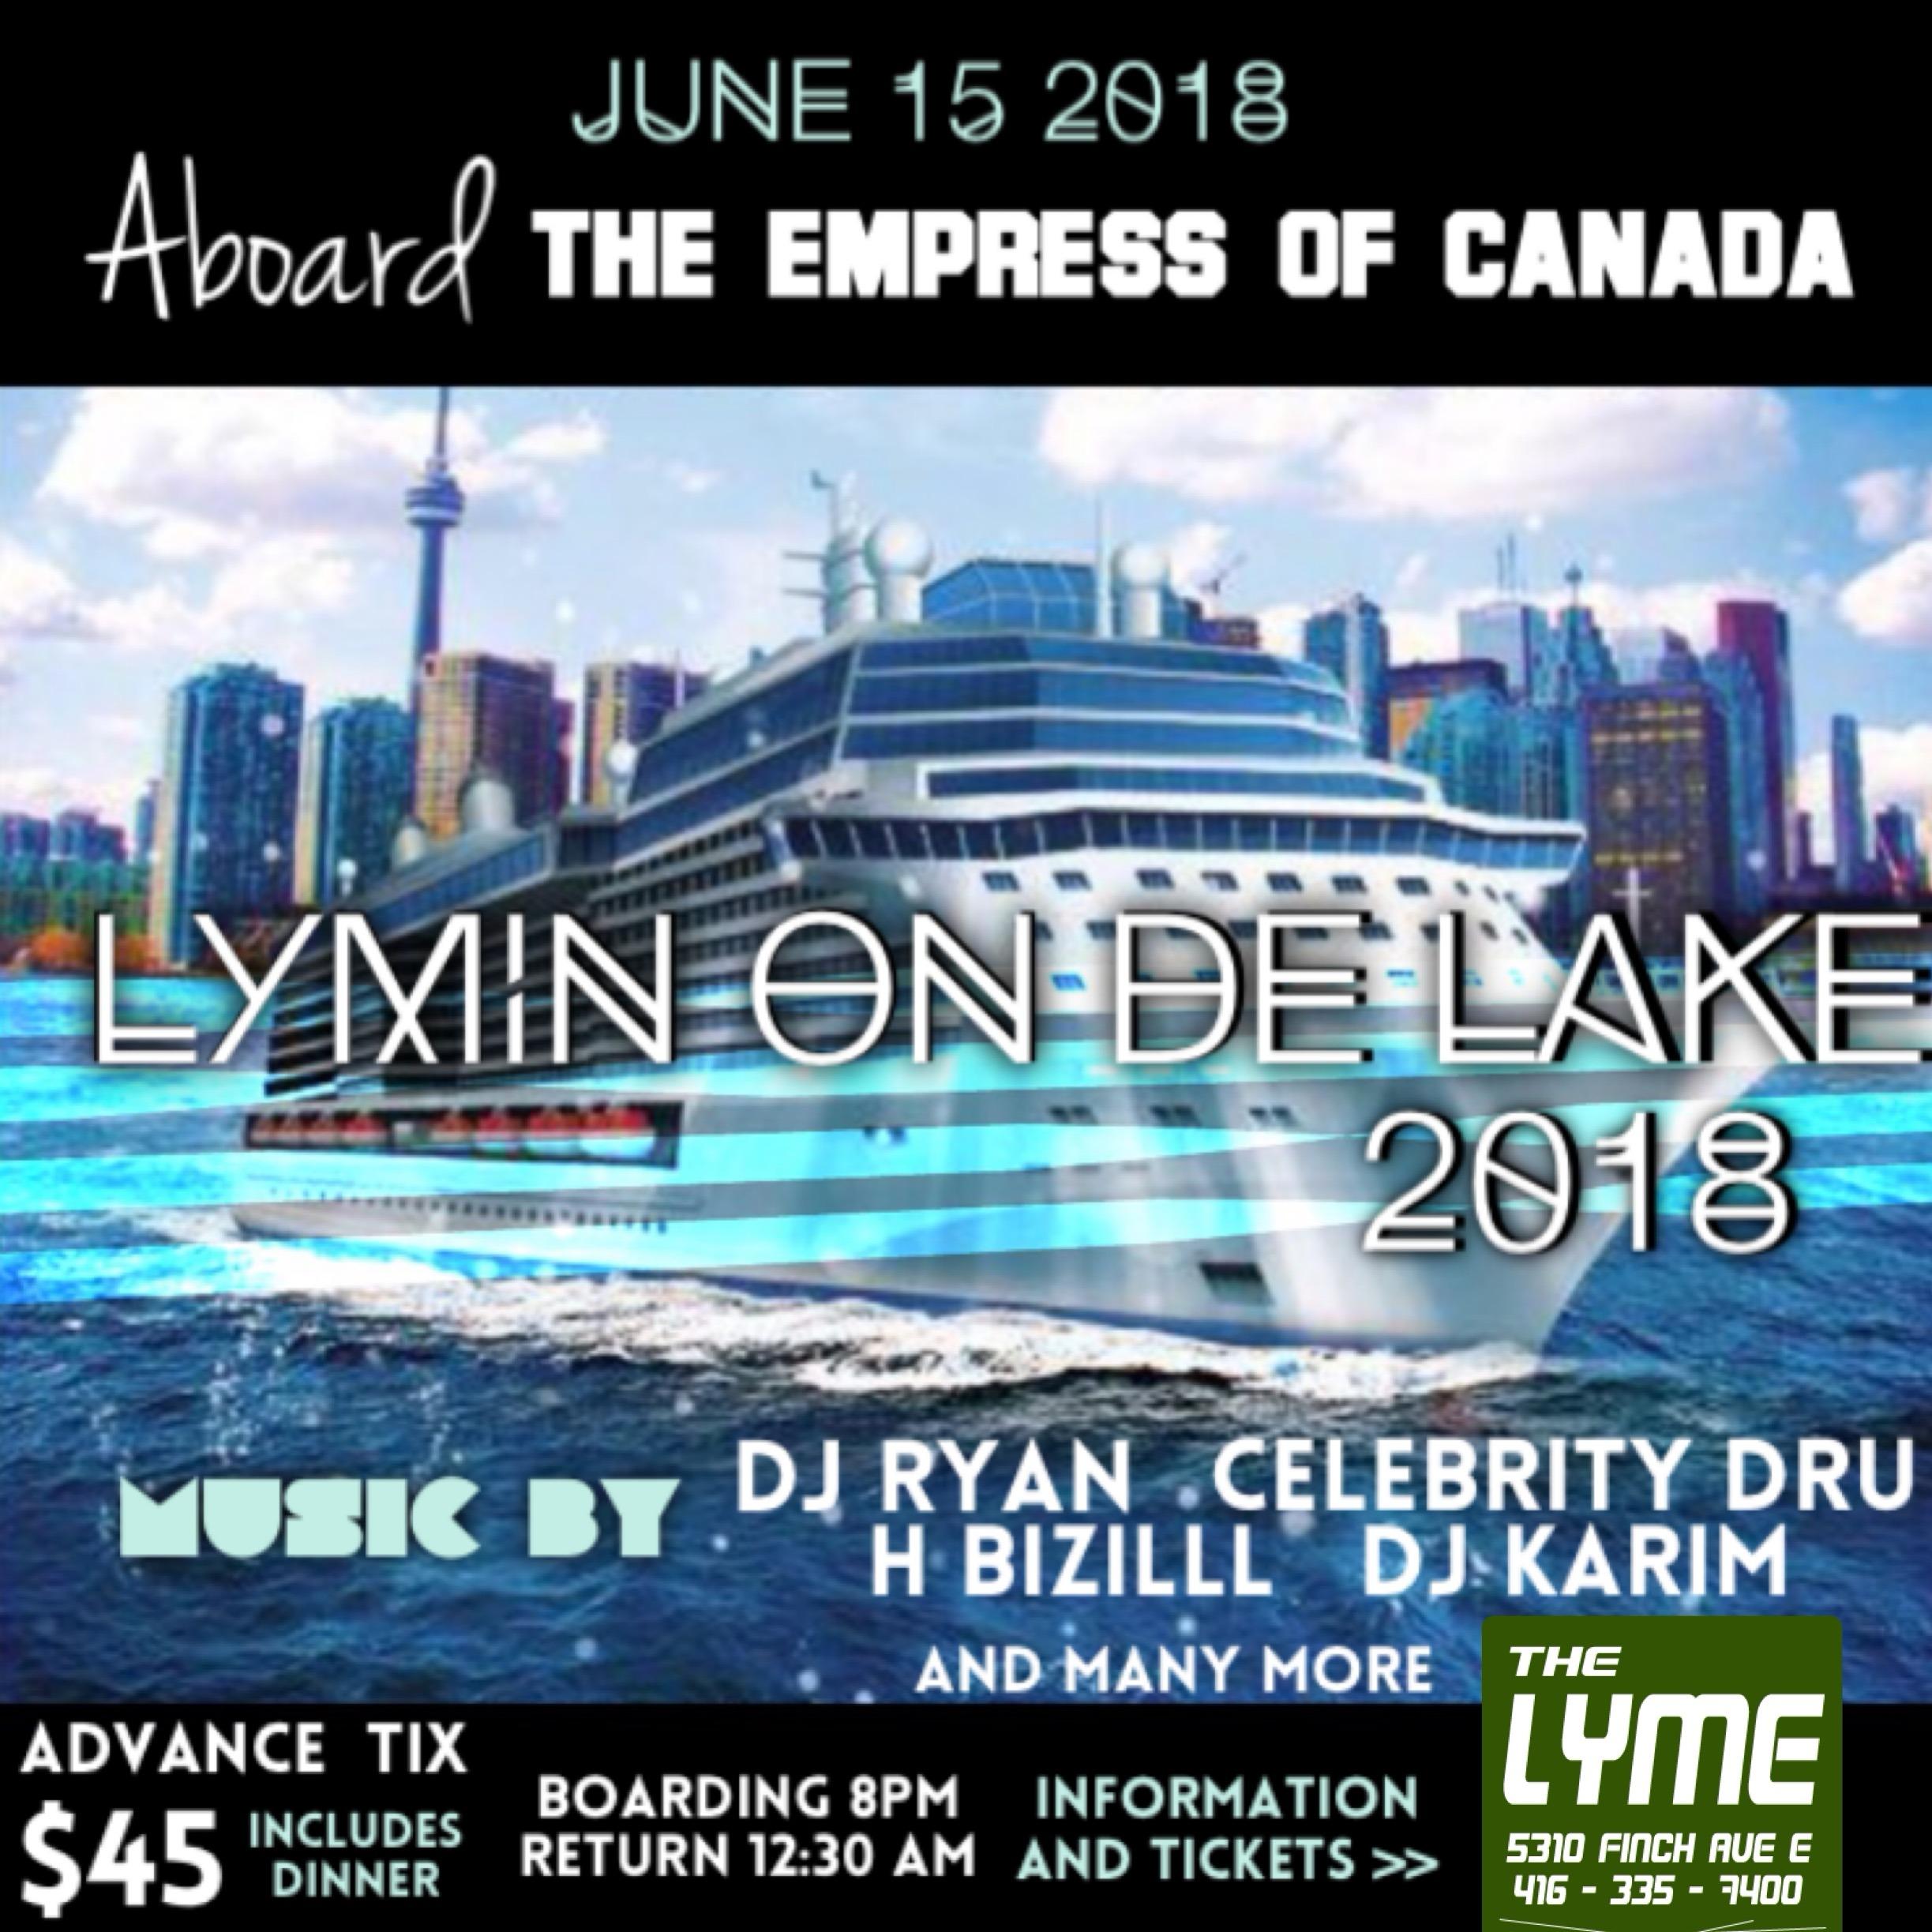 Lymin On De Lake